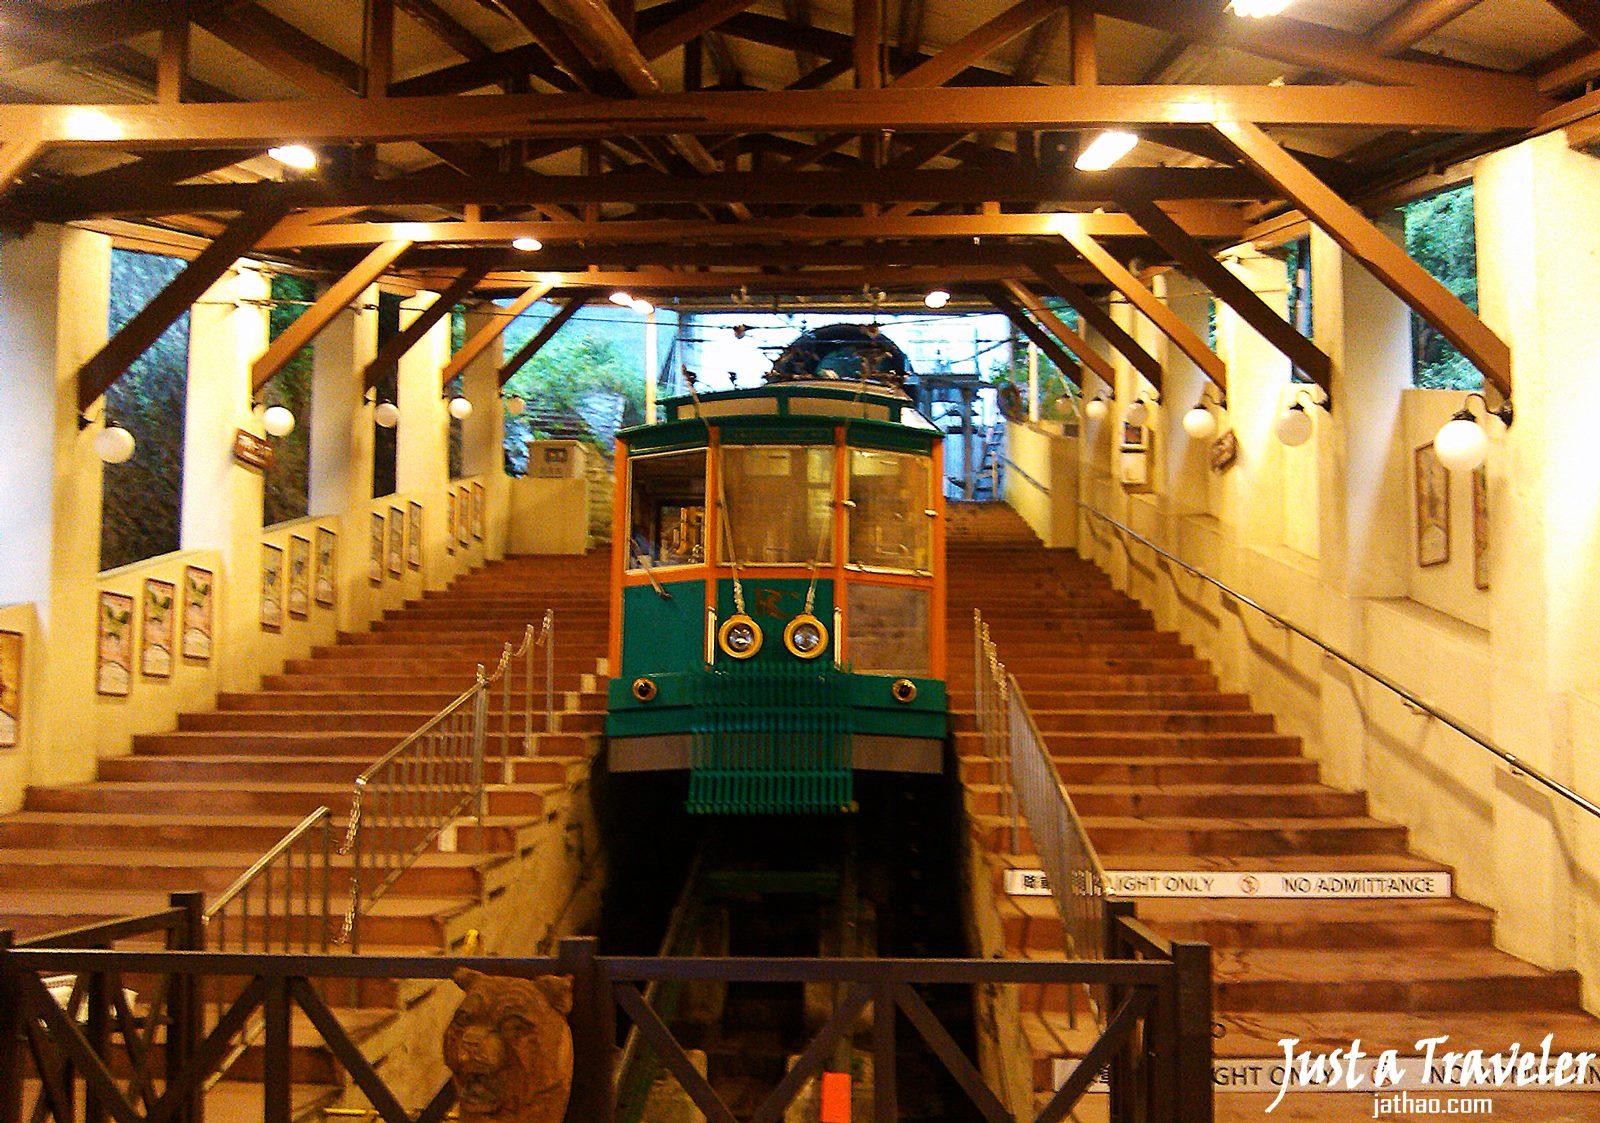 神戶-景點-推薦-六甲山-六甲纜車-六甲索道-神戶夜景-自由行-旅遊-觀光-必遊-必去-必玩-日本-kobe-tourist-attraction-travel